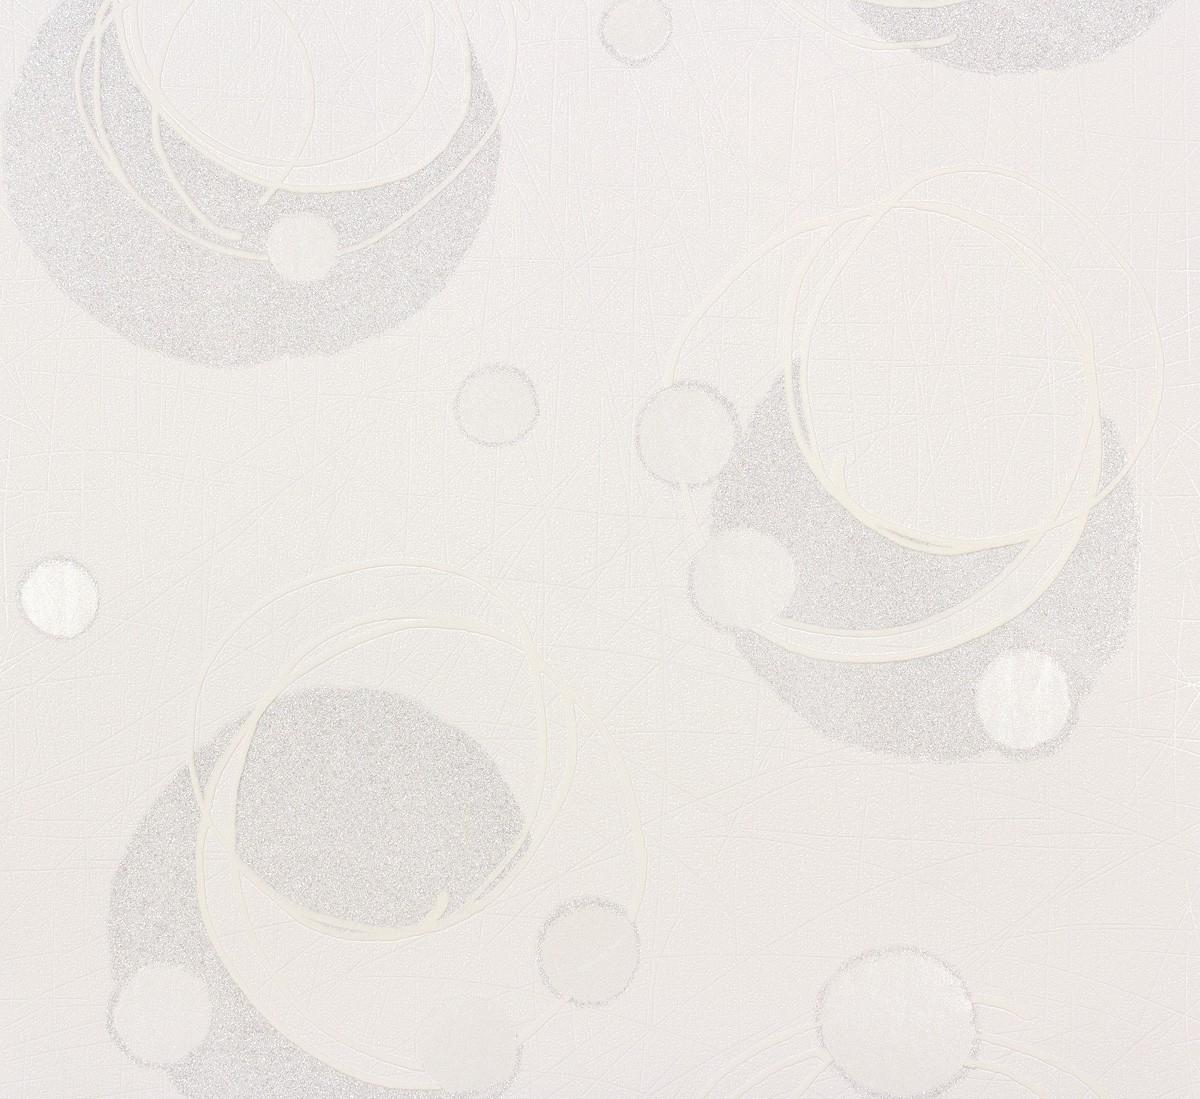 Vliestapete weiß silber  Vliestapete Kreise abstrakt weiß silber gold Marburg Wohnsinn 55620